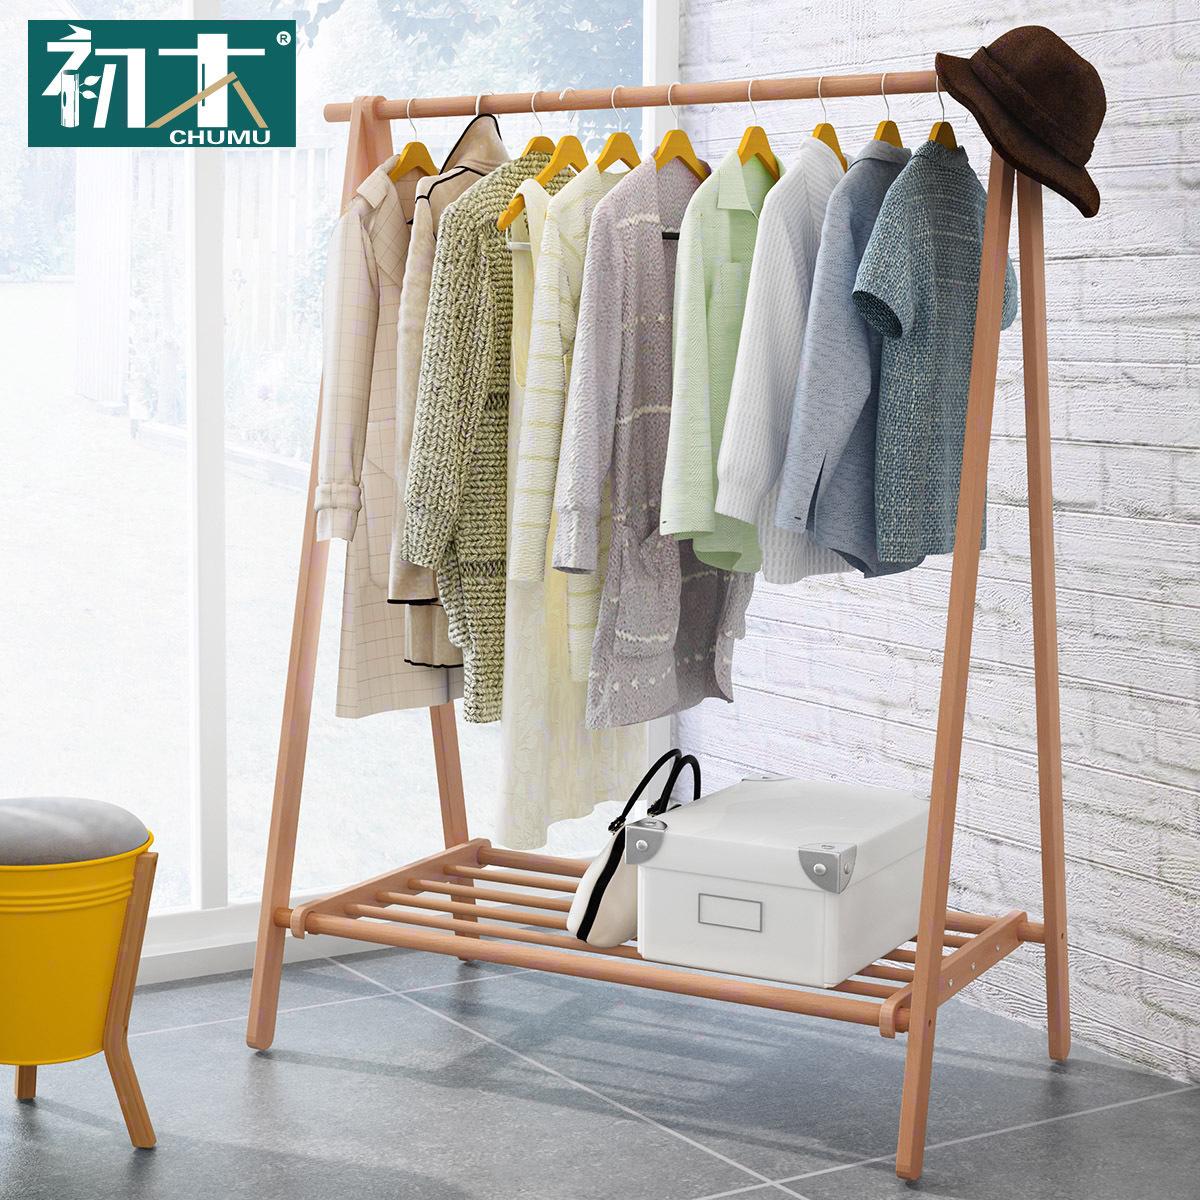 初木創意實木掛衣架簡約現代臥室衣帽架落地家用衣服架子簡易衣架